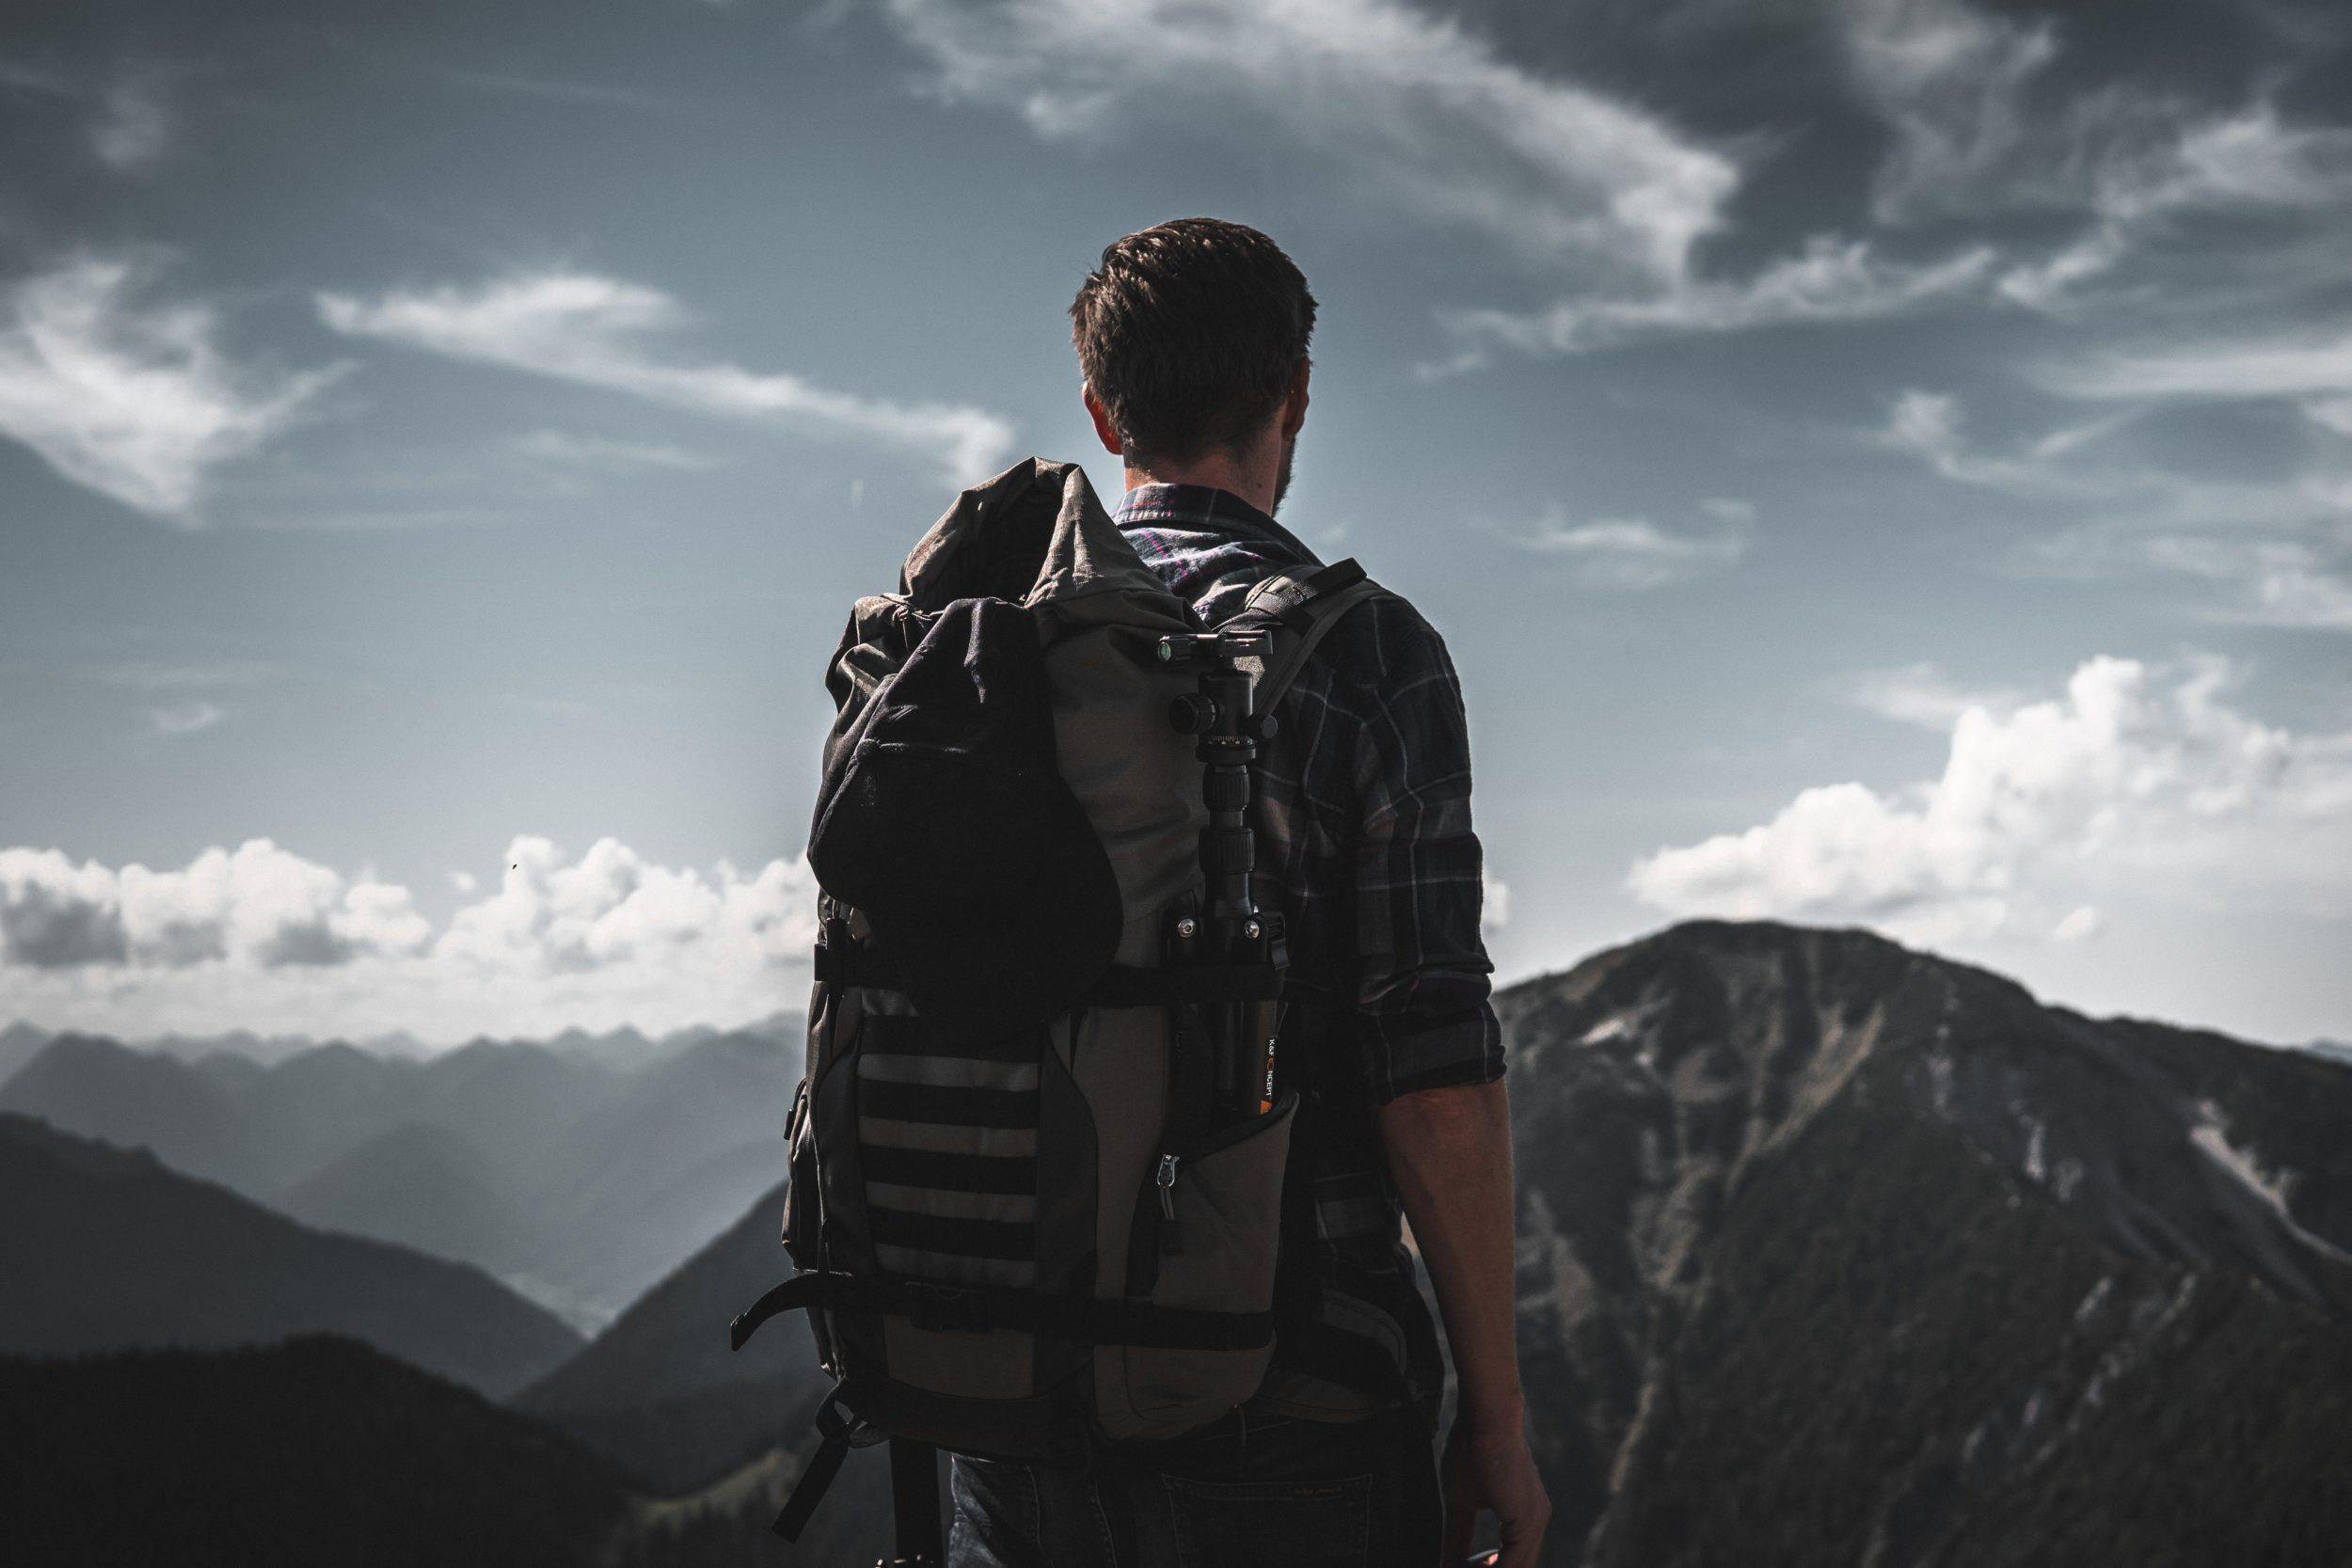 Reiseblog - Reiseblogger - Abenteuer in den Bergen